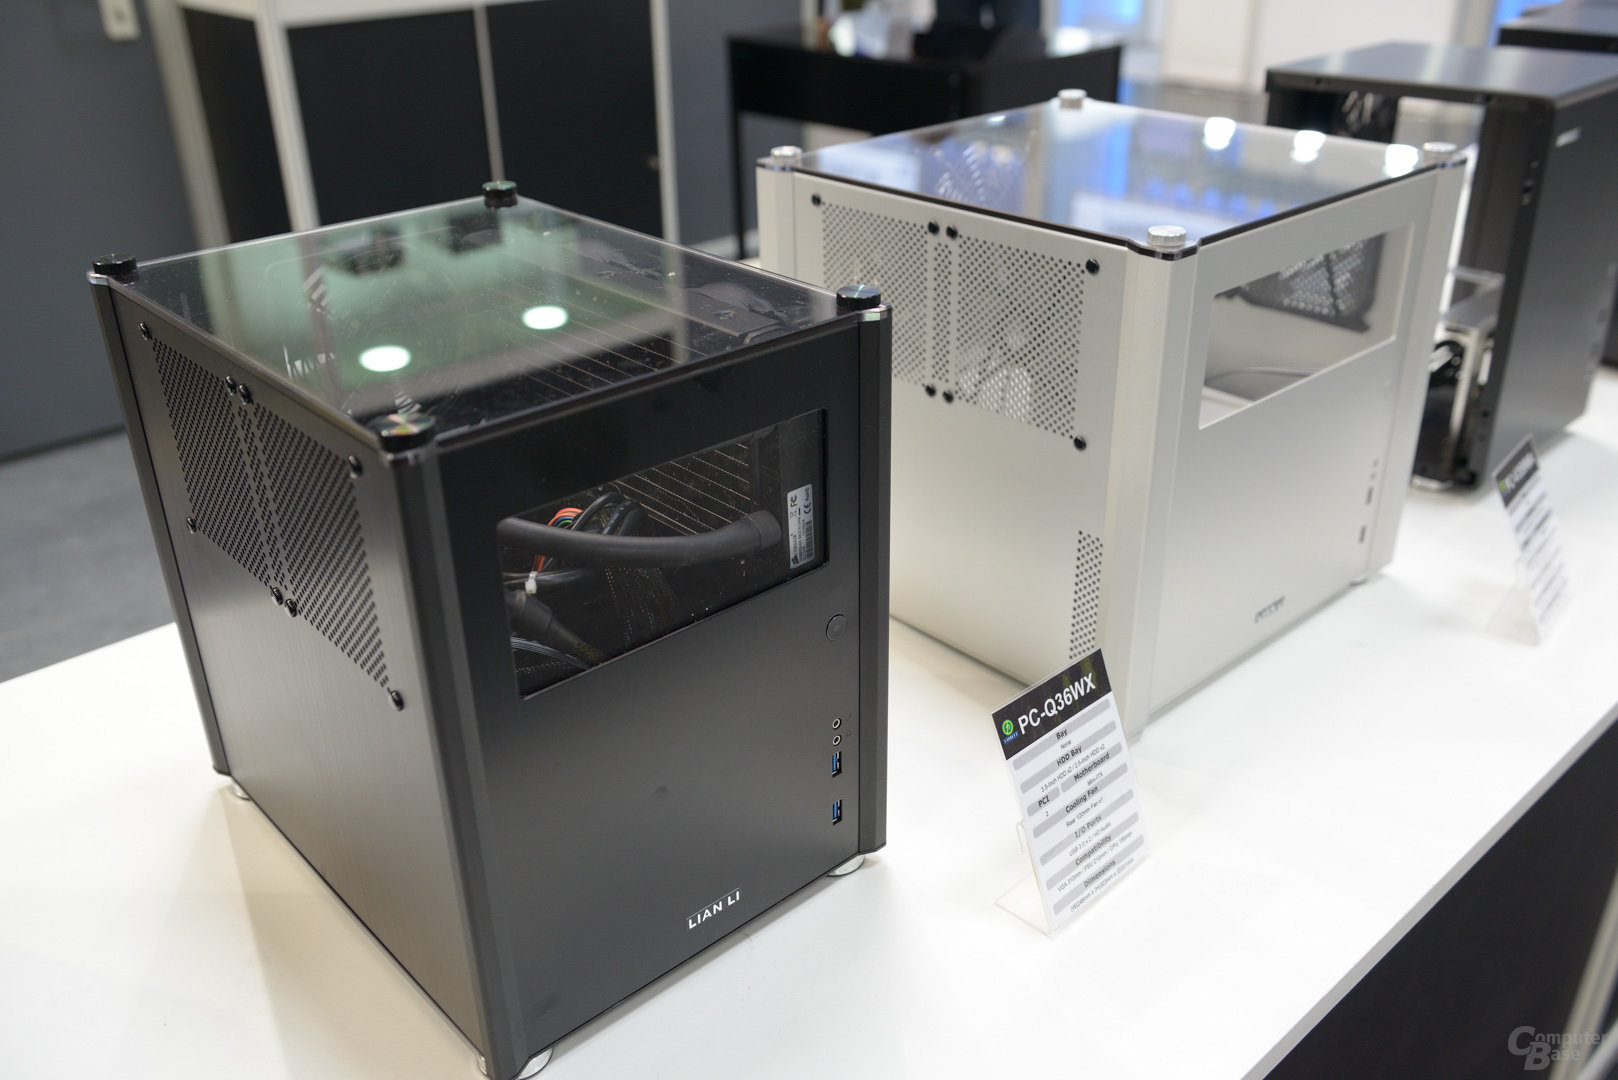 PC-Q36WX und PC-V359WA